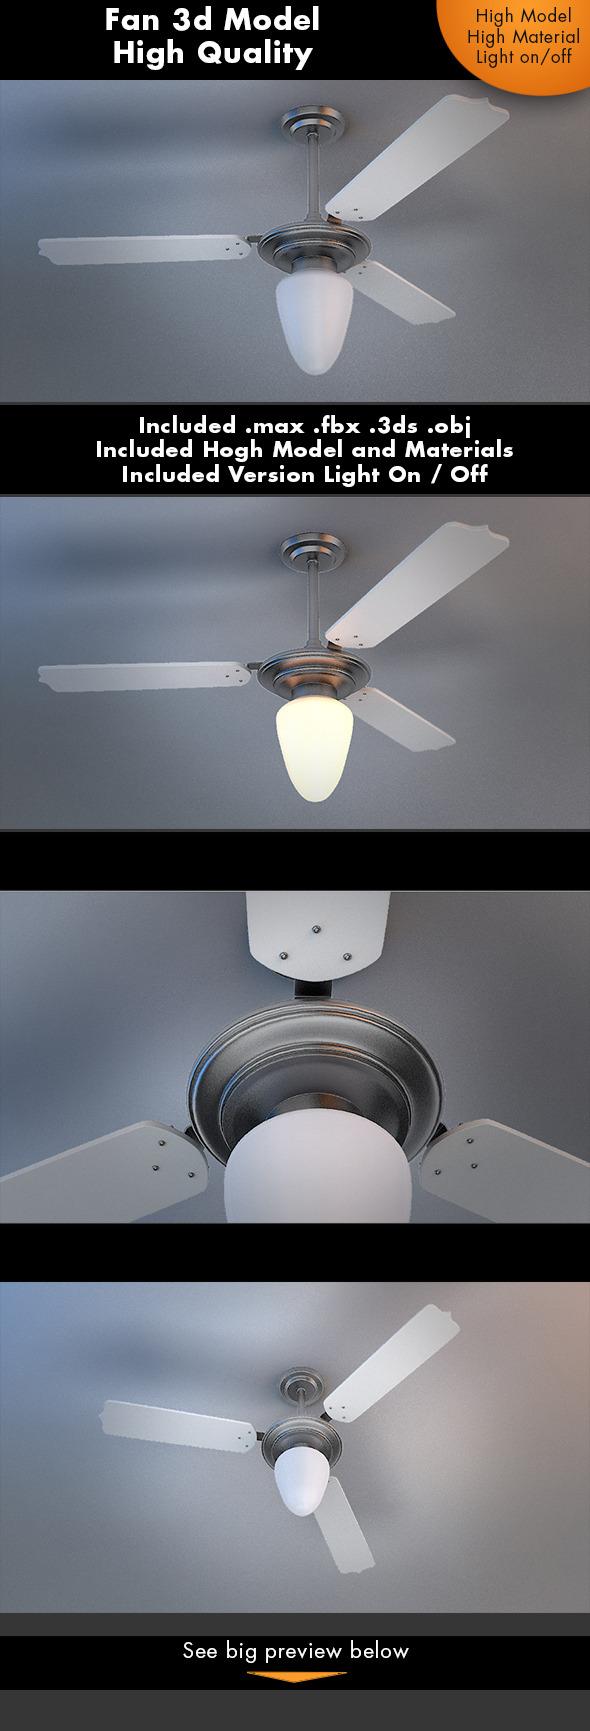 Fan 3d Model - 3DOcean Item for Sale